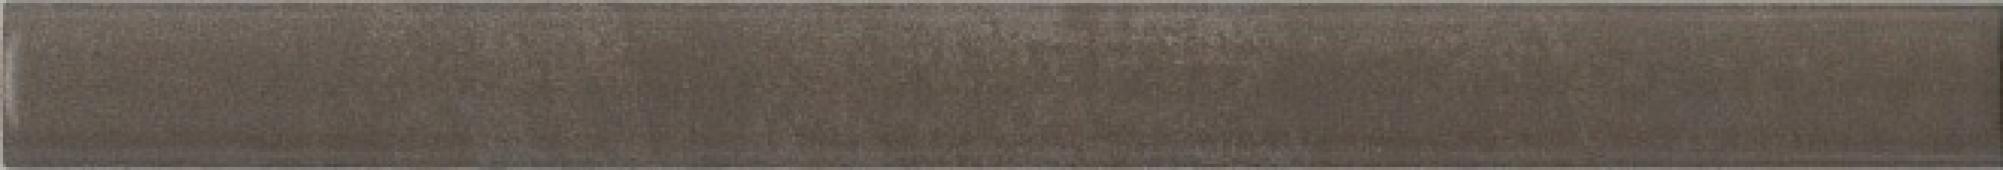 Бордюр Раваль коричневый обрезной 30х2,5х19